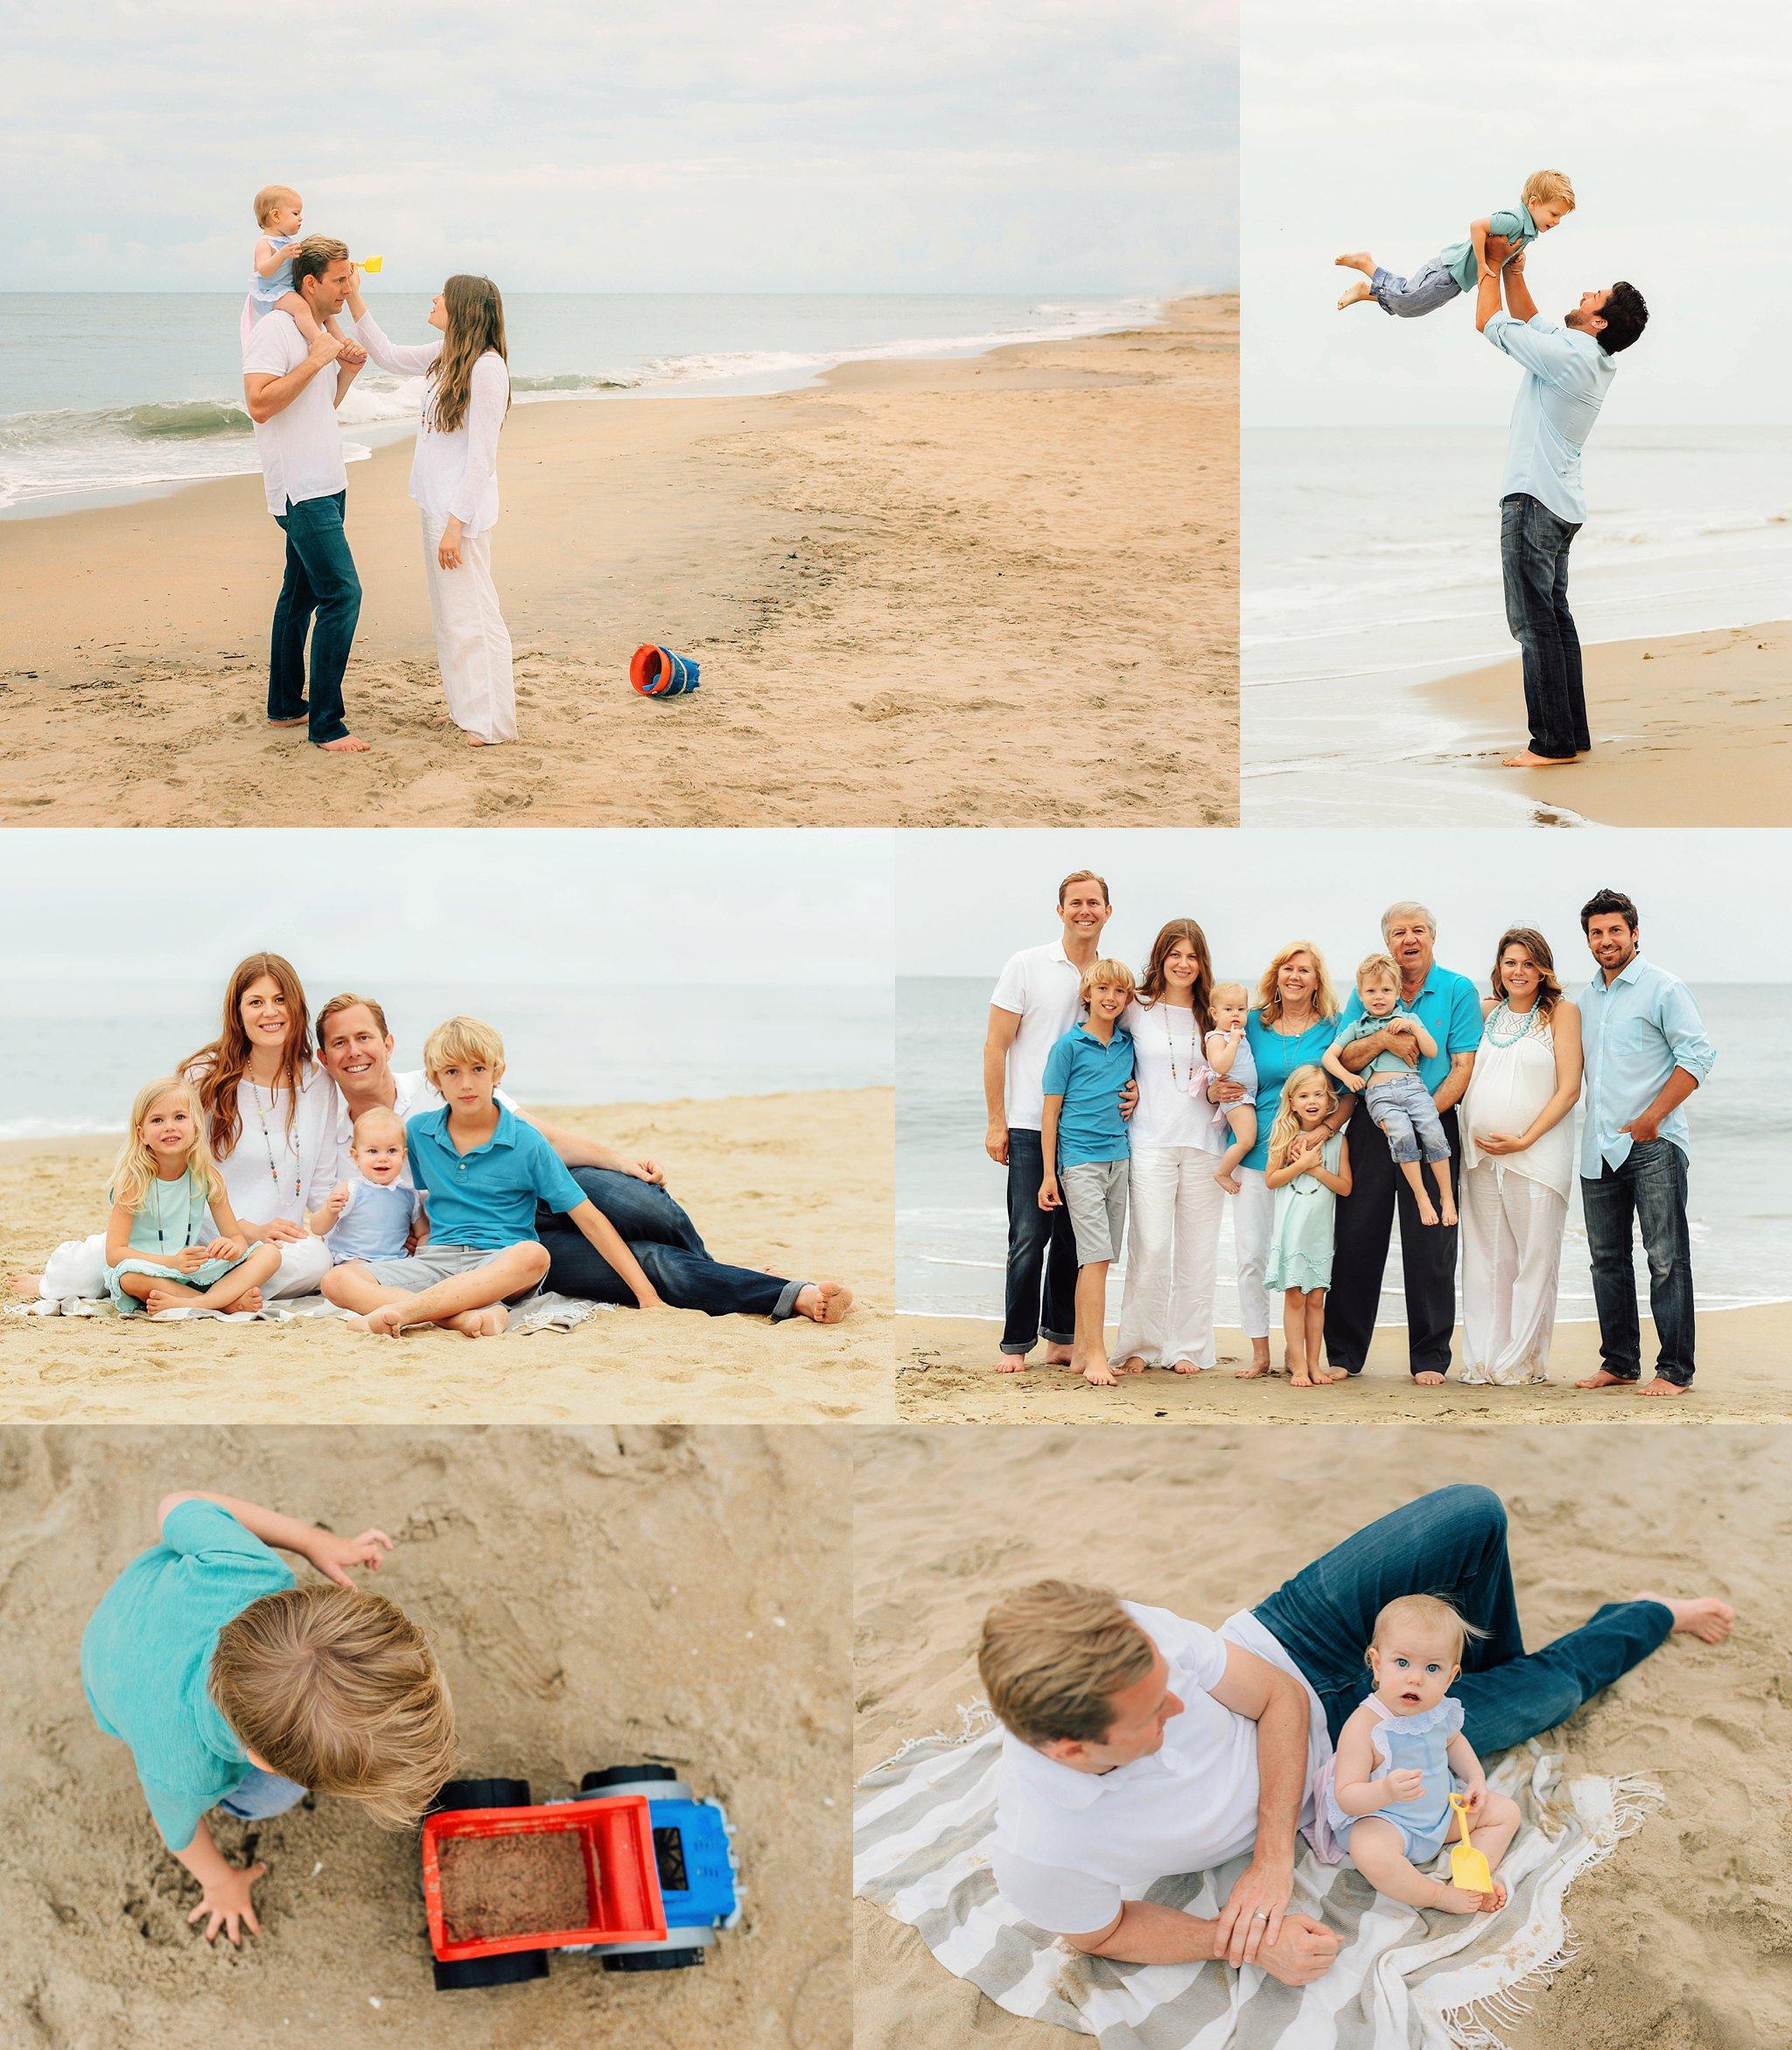 virginia-beach-photographers-melissa-bliss-photography-family-session-at-sandbridge-beach-4